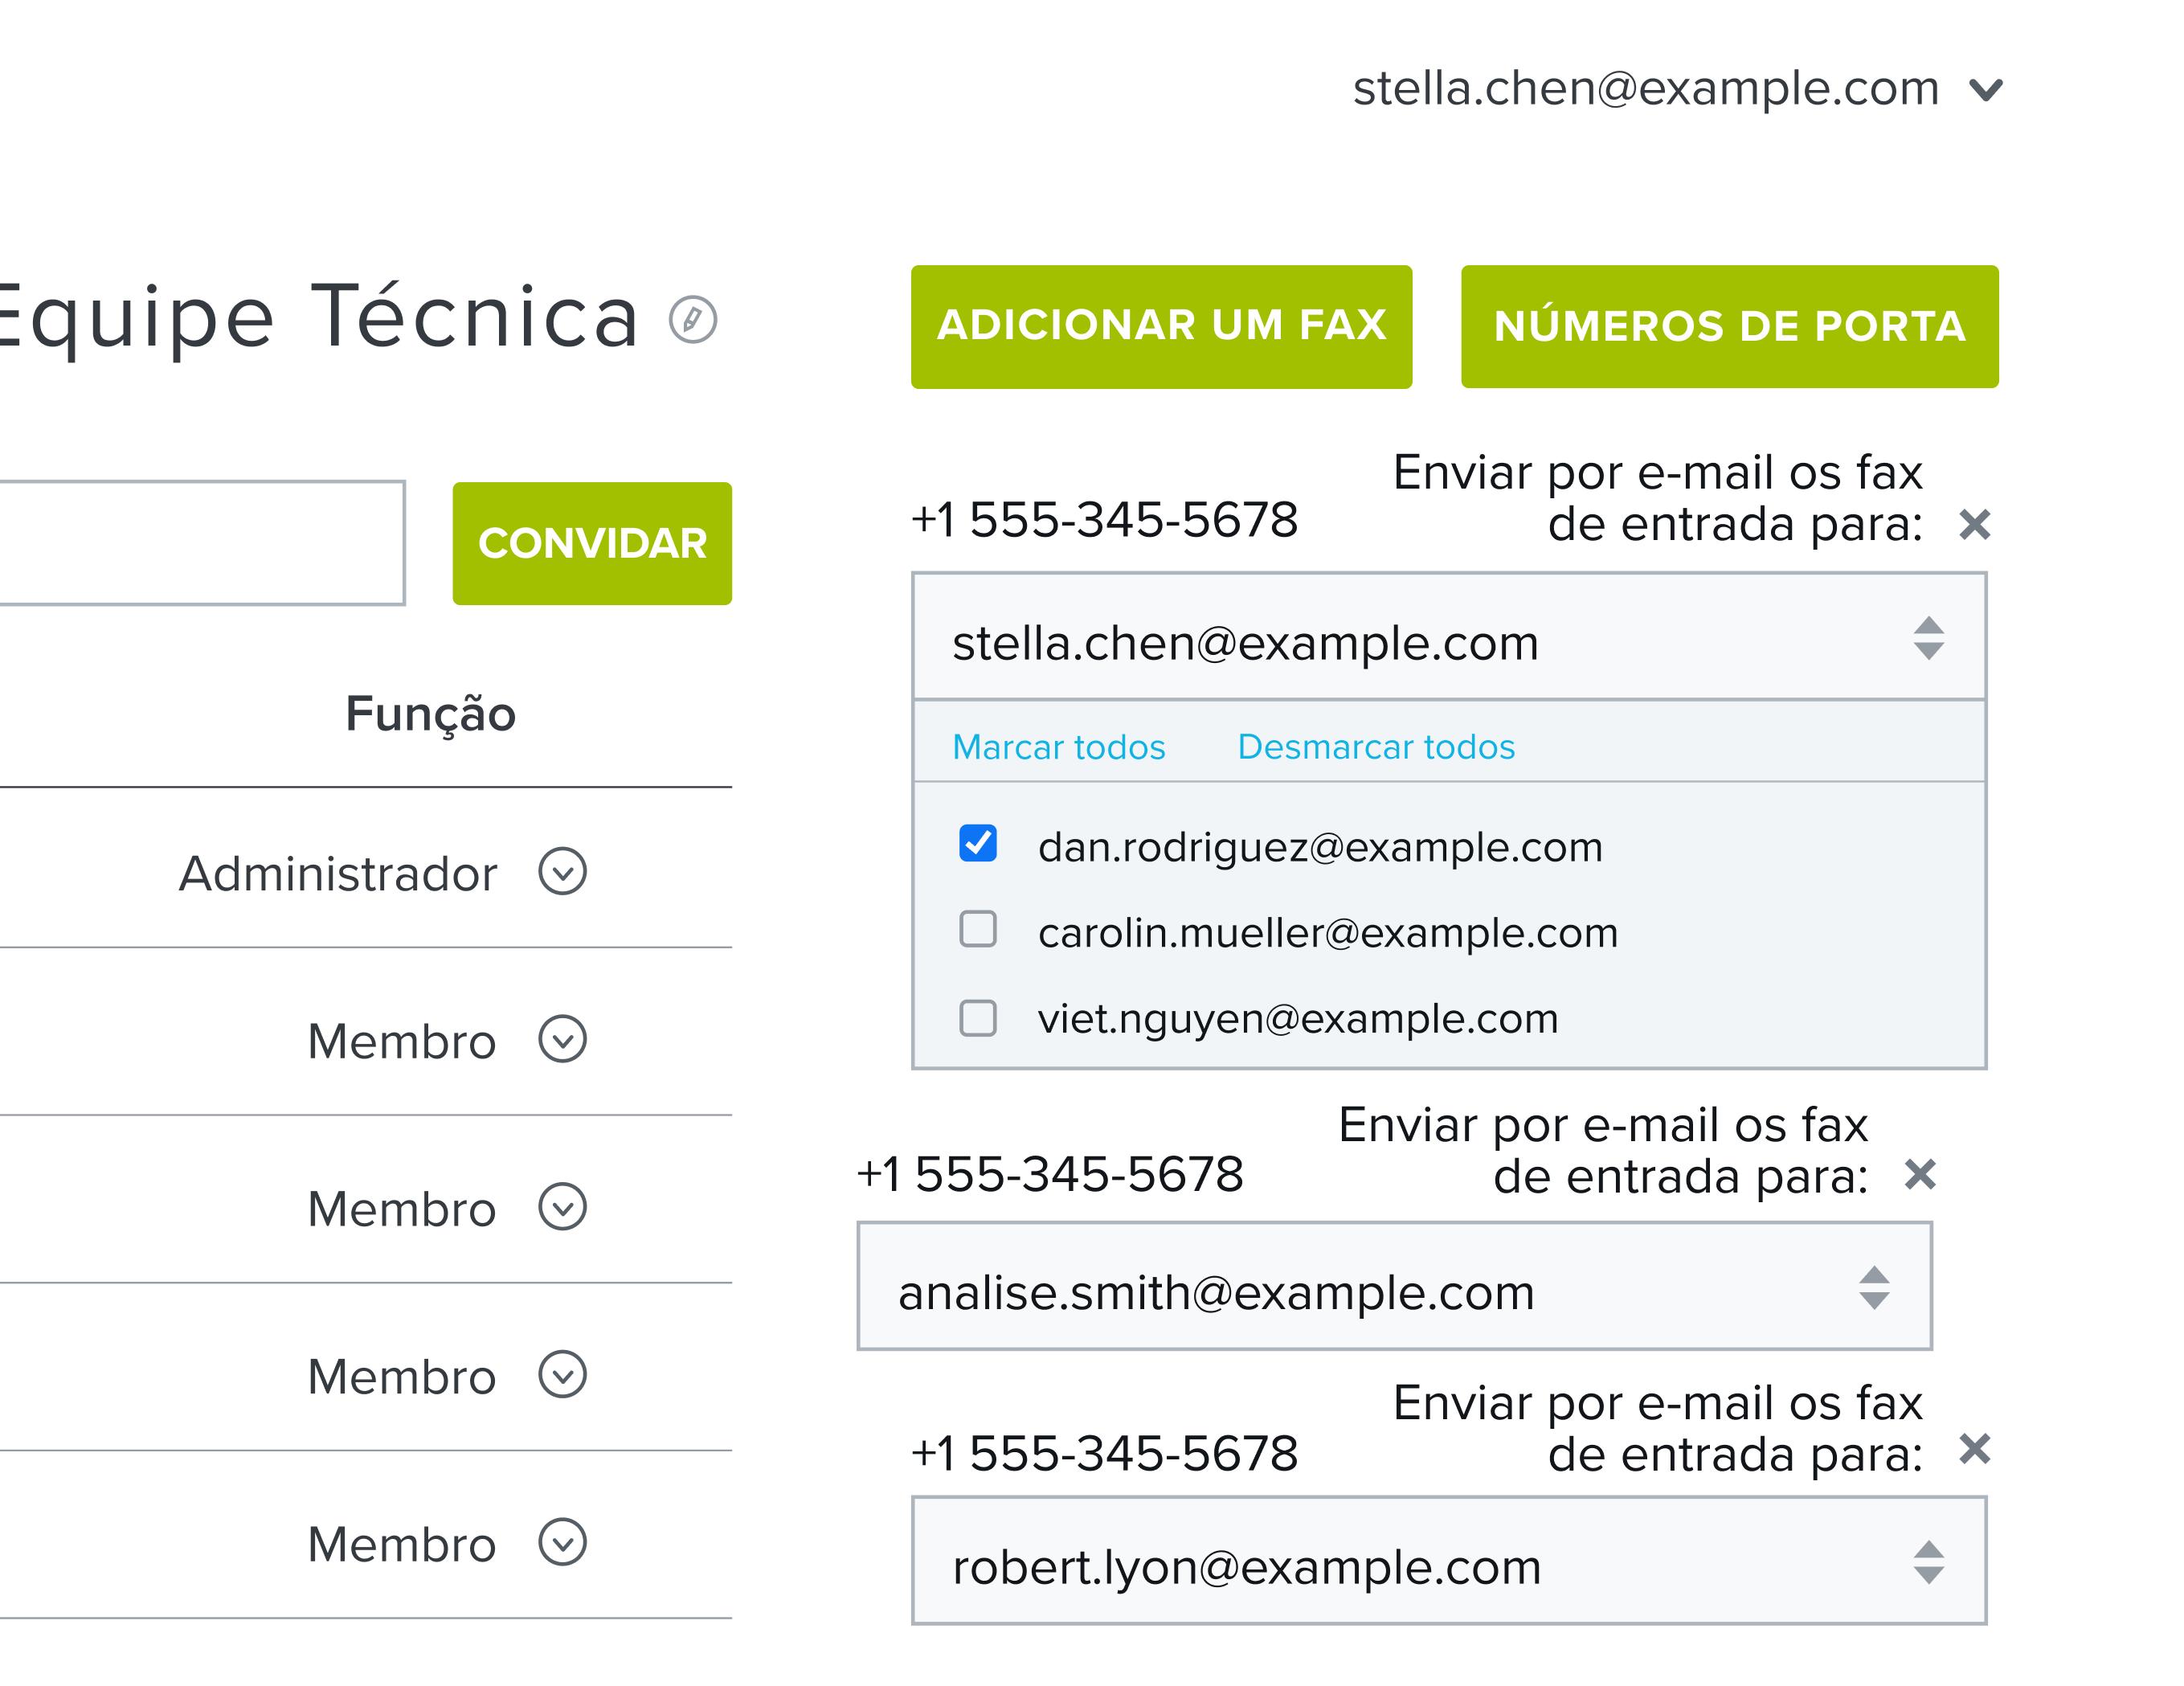 Recebendo um fax do HelloFax na sua caixa de entrada